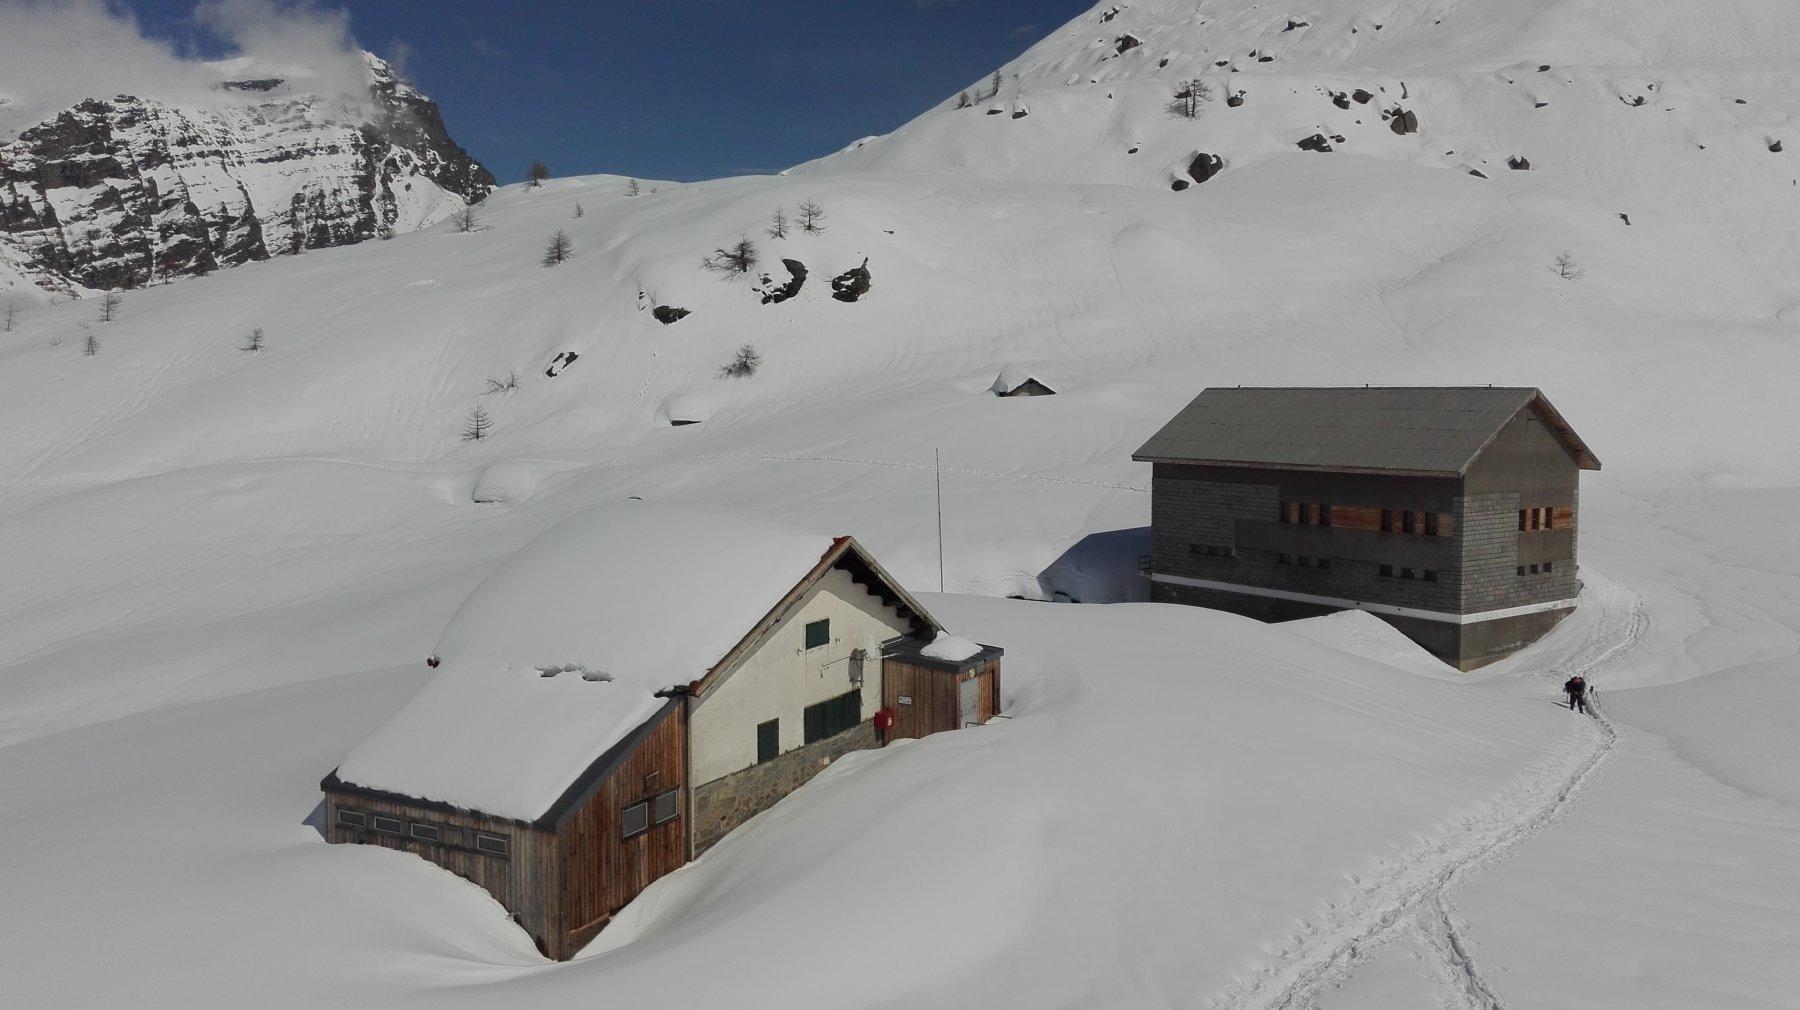 Il rifugio immerso nella neve